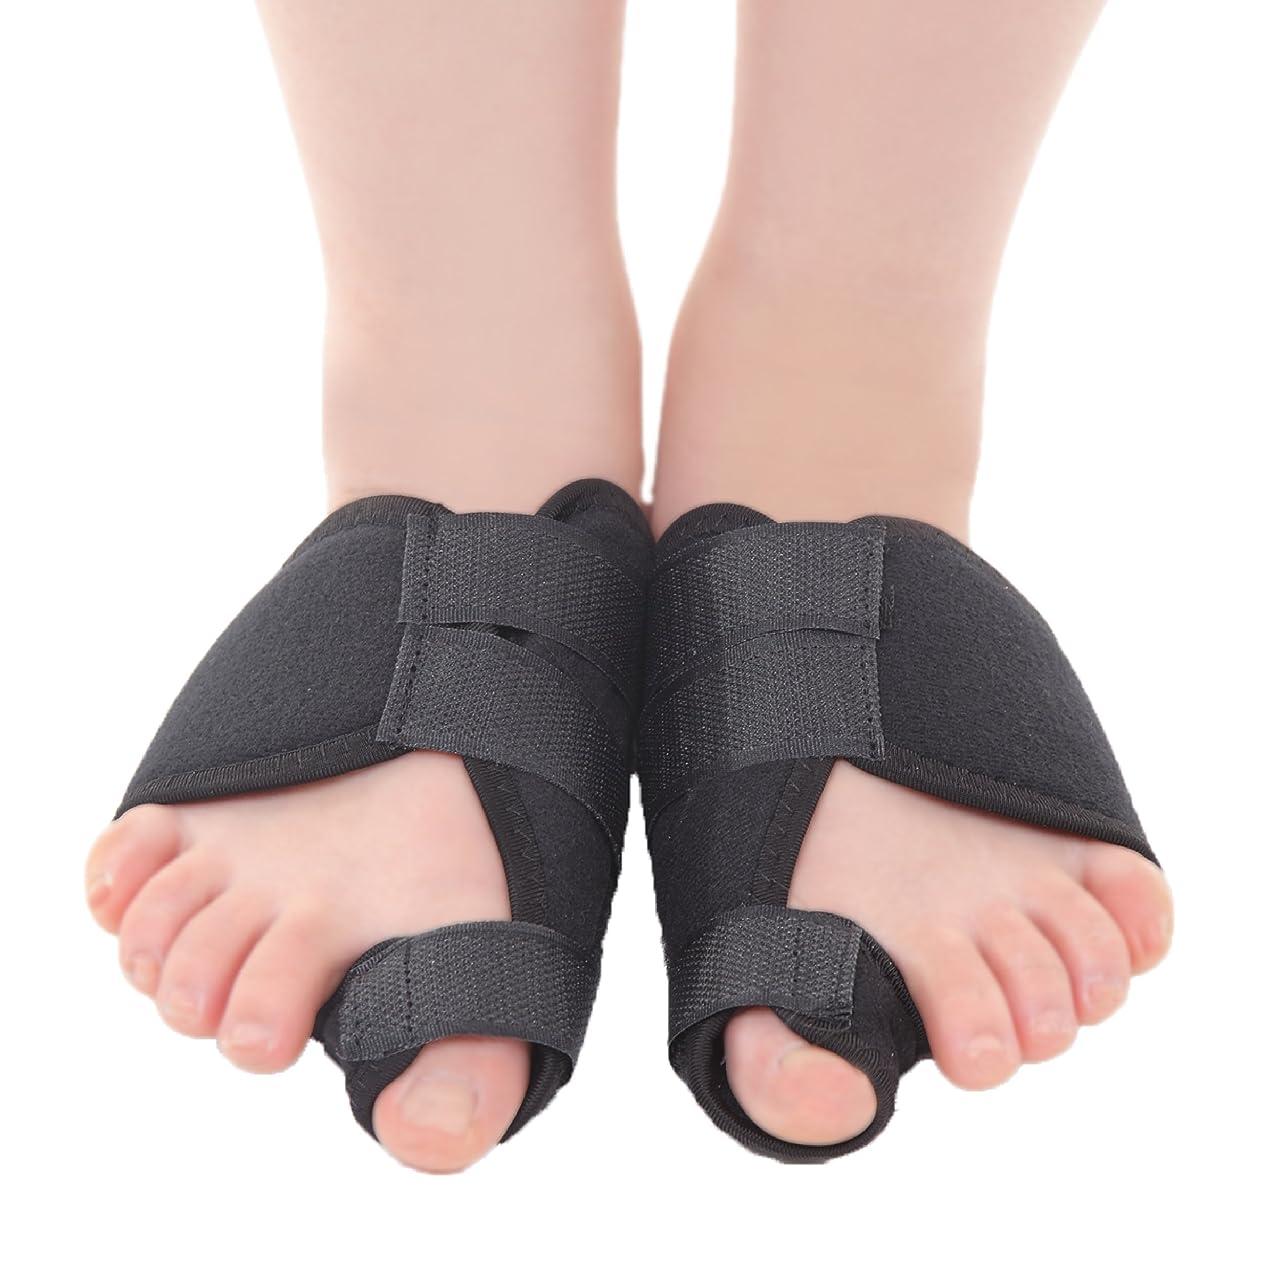 干ばつ意気込み永遠にPYKES PEAK 母趾サポーター がっちり固定で親指をサポート 親指 フットケア 男女兼用 衝撃吸収 足指 Lサイズ